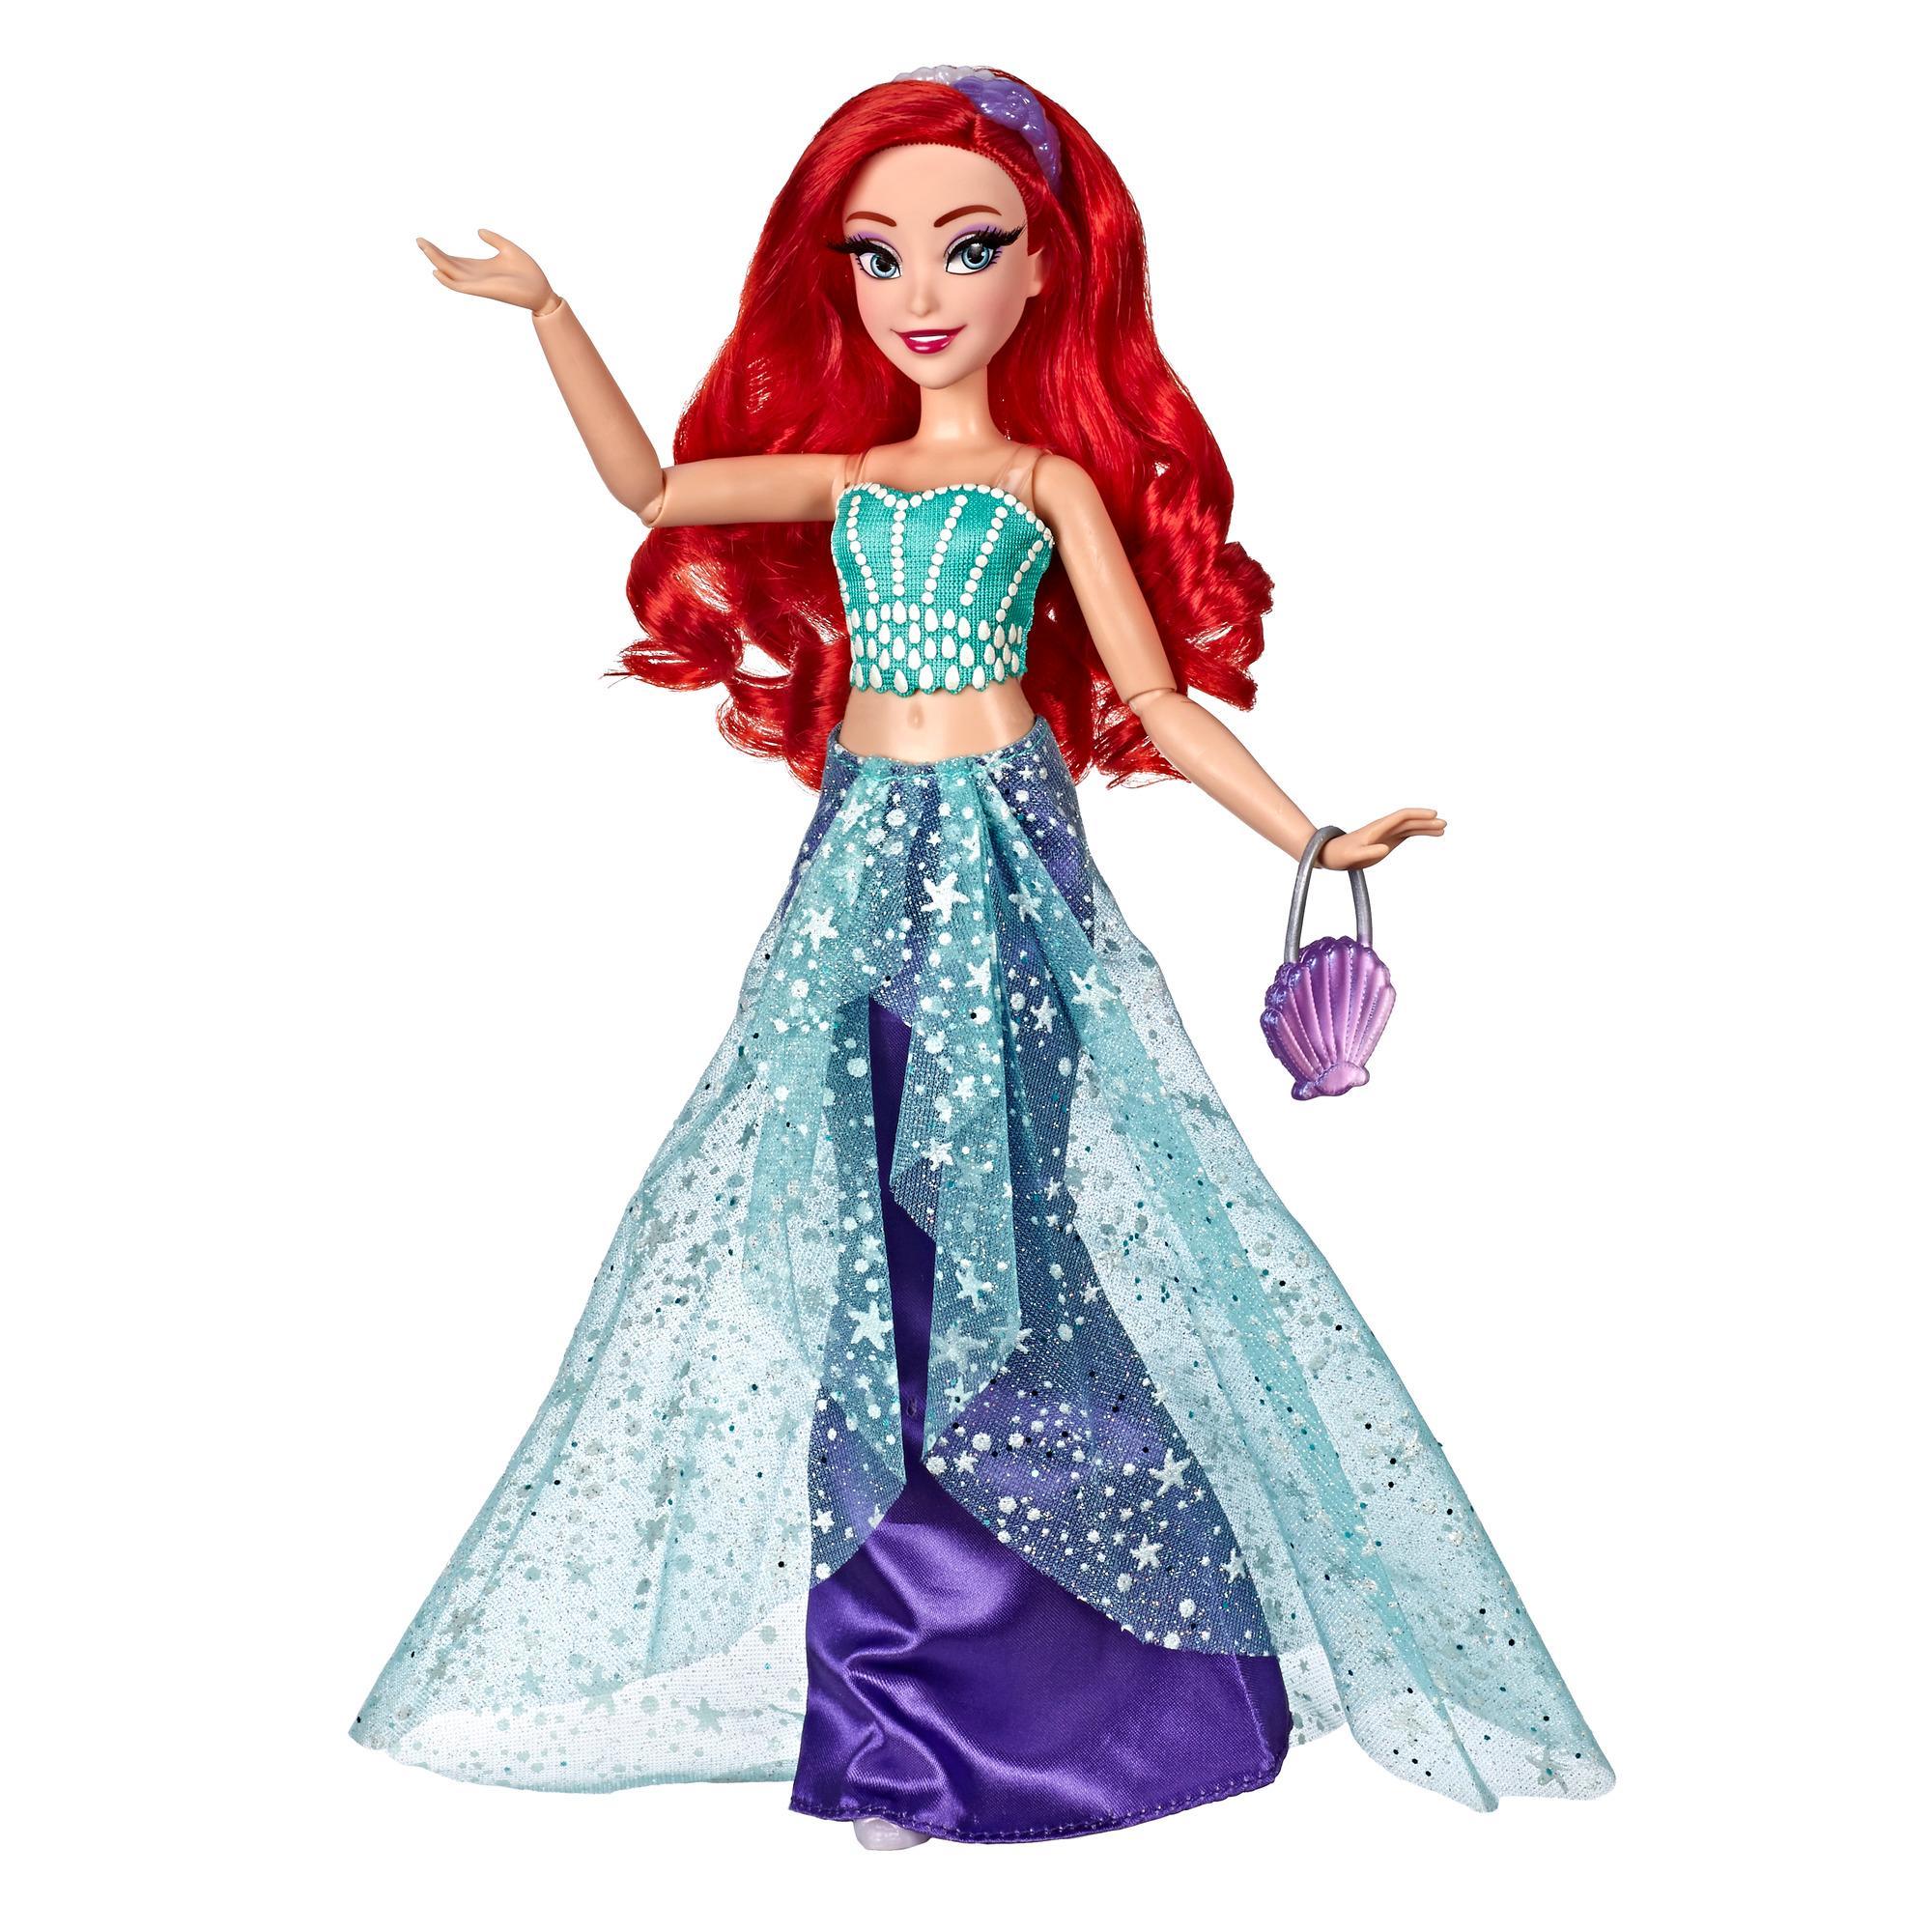 Disney Princess, série Style, poupée Ariel au style moderne avec robe, bandeau, sac à main et chaussures, pour enfants